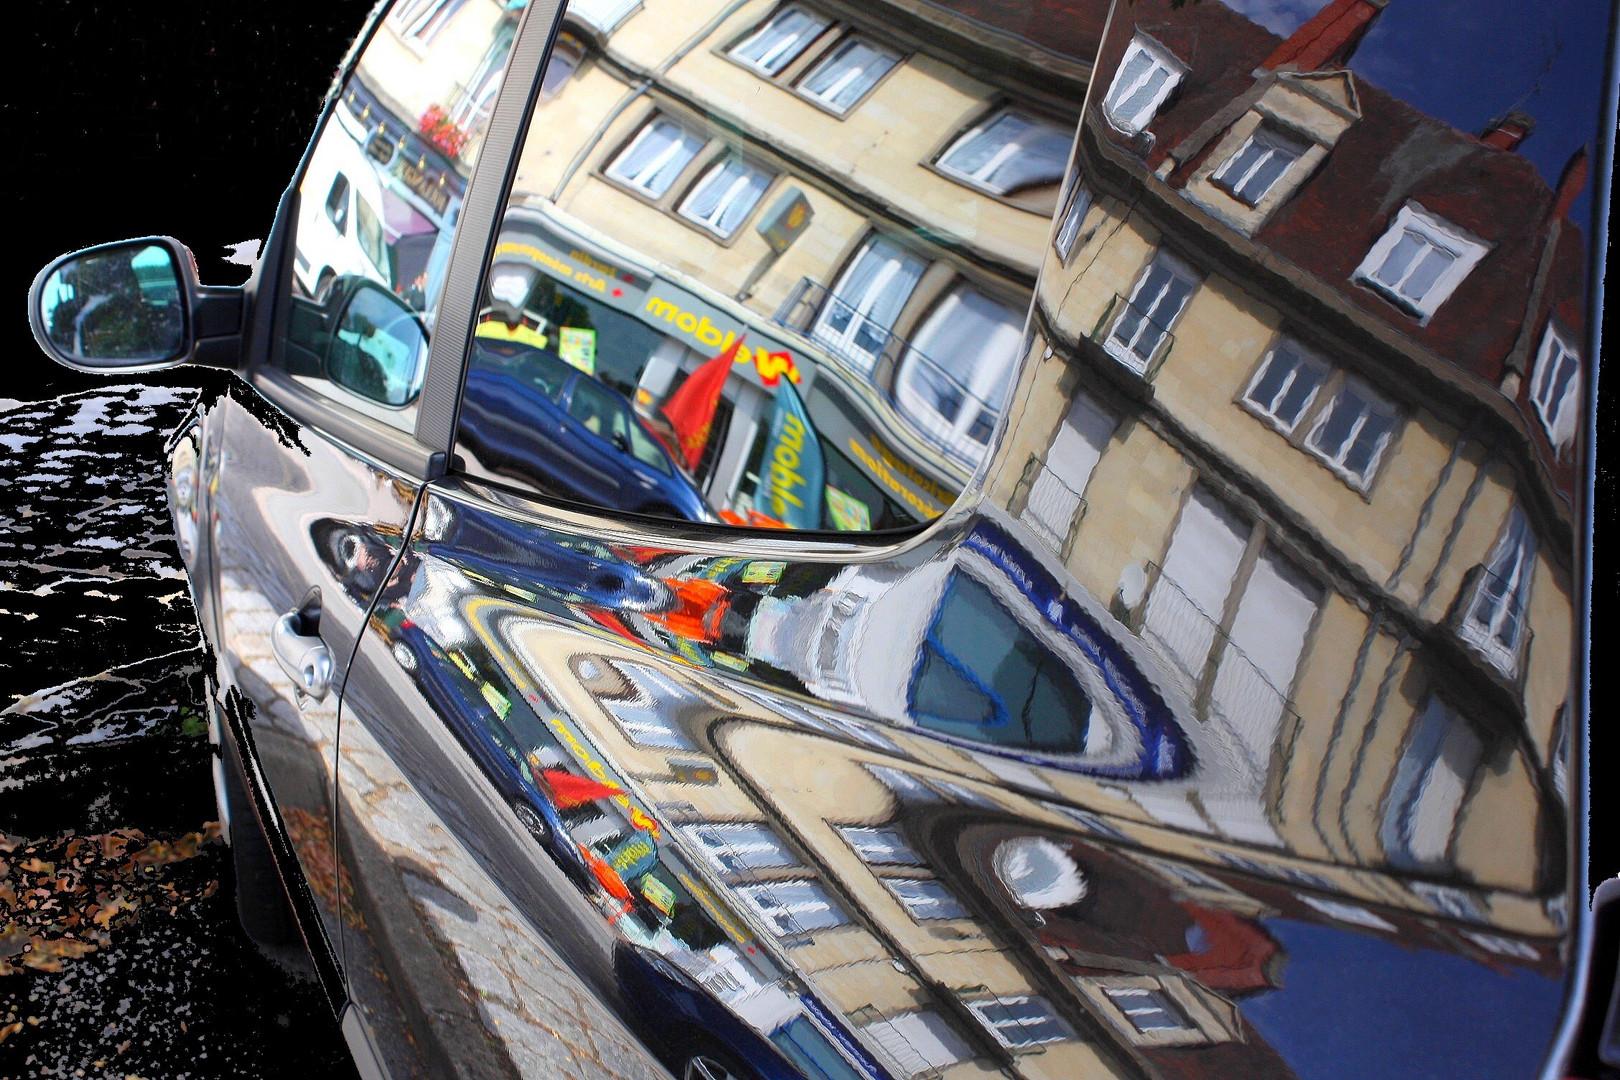 Reflets sur la voiture